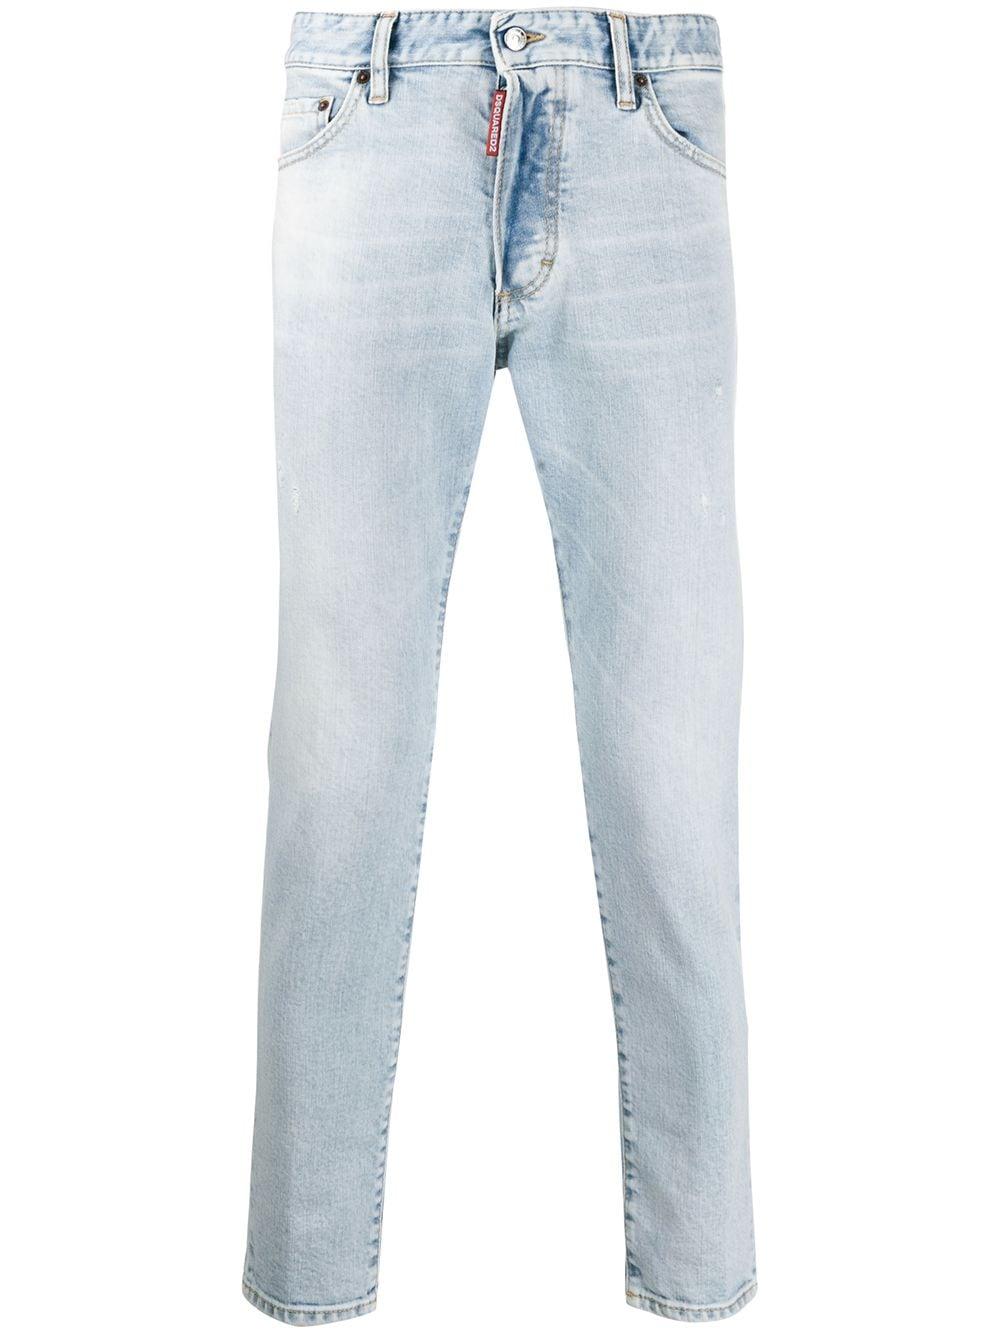 Skinny Dan Jeans